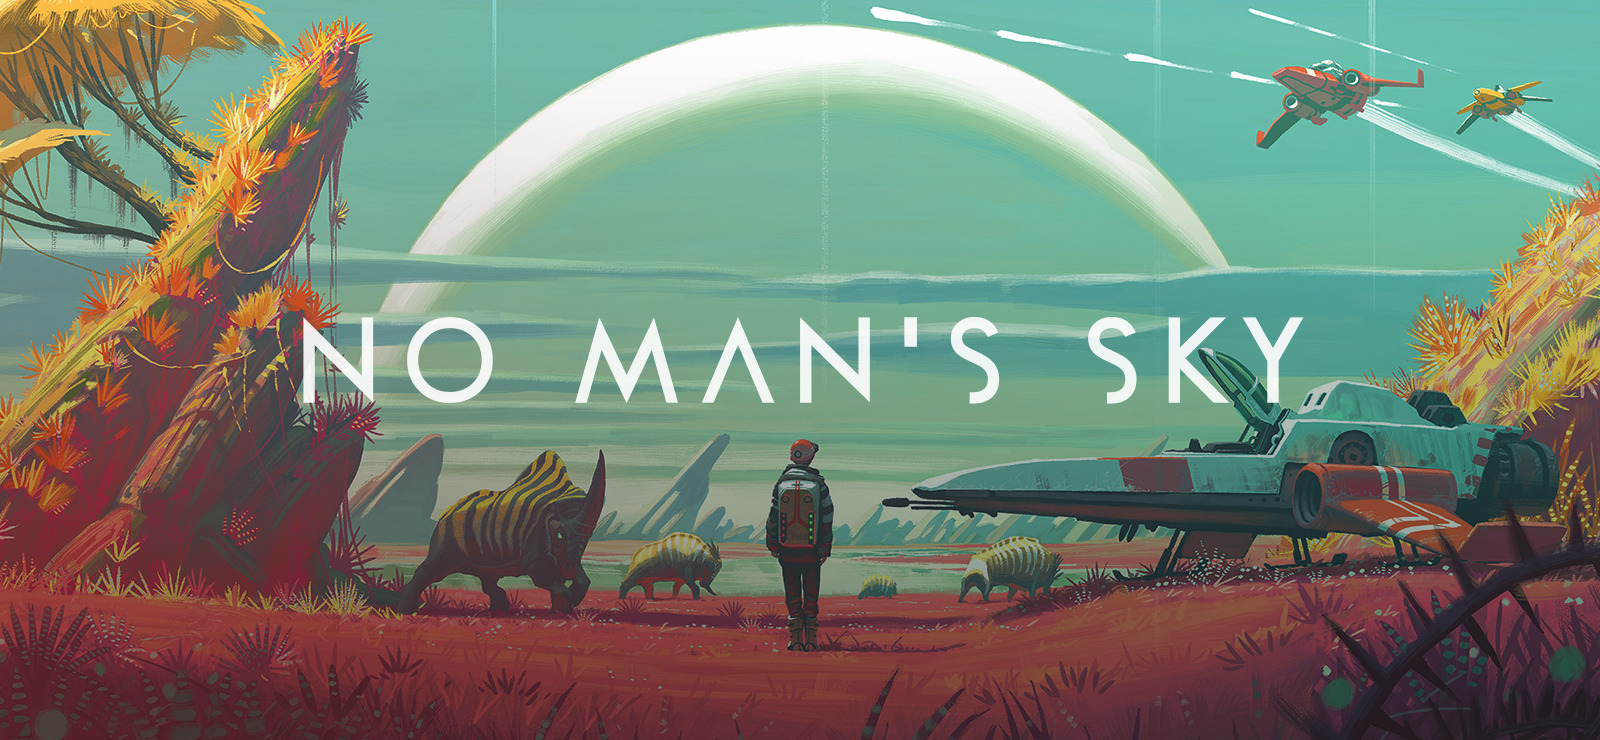 Hasil gambar untuk no man's sky